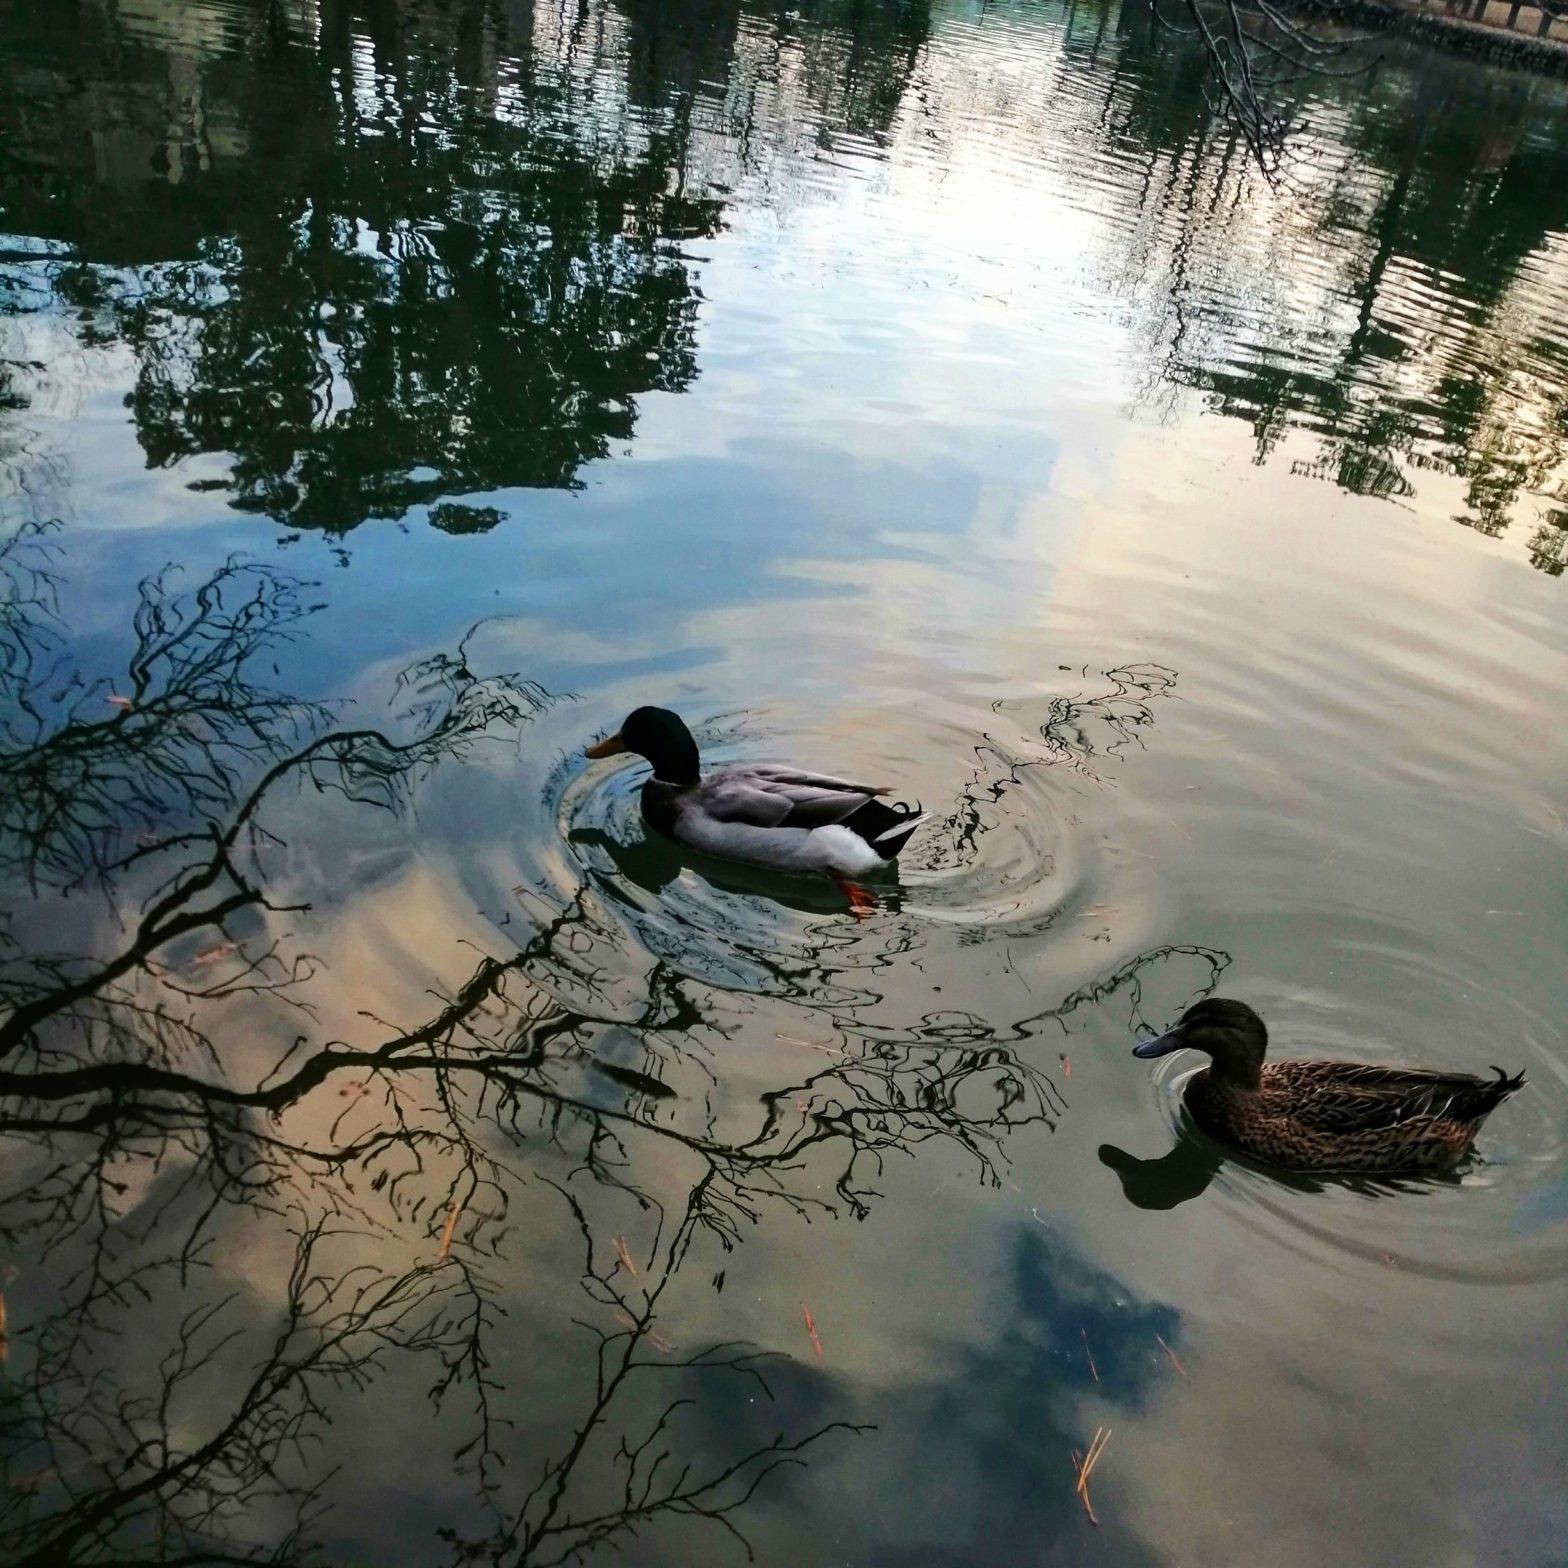 二匹の鴨が池の上を泳いでいます。